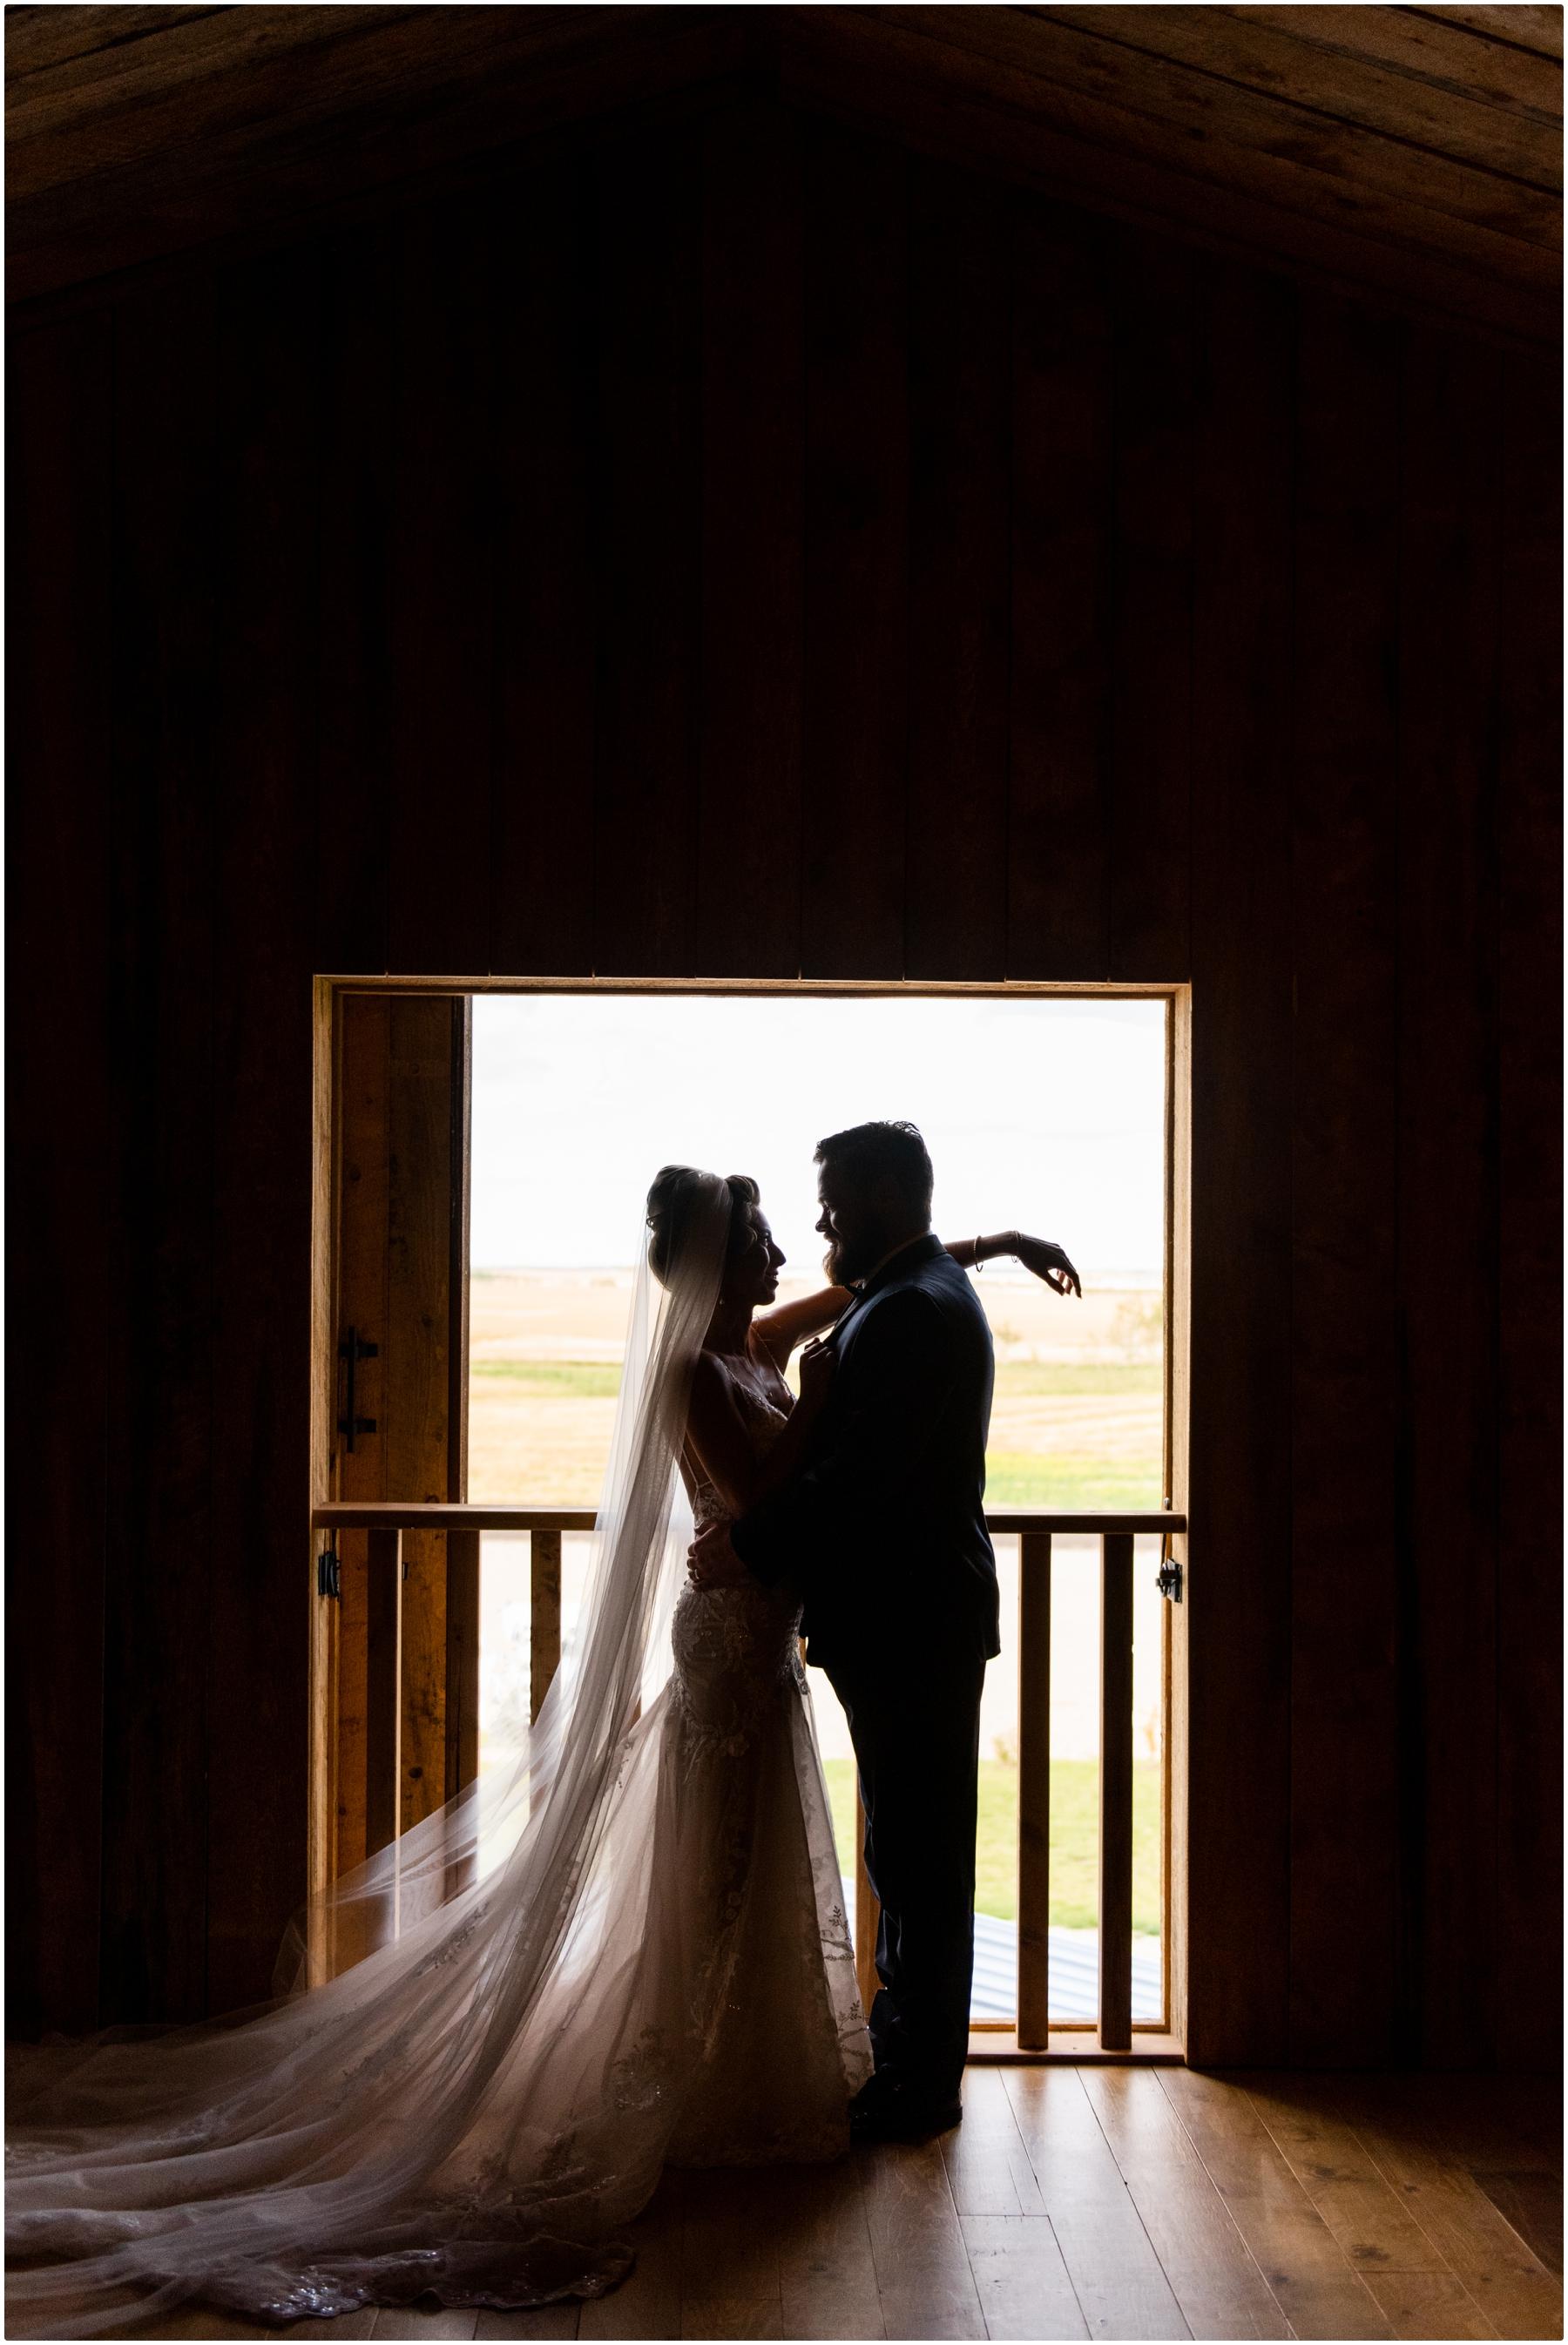 Barn Bride & Groom Photo - Sweet Haven Barn